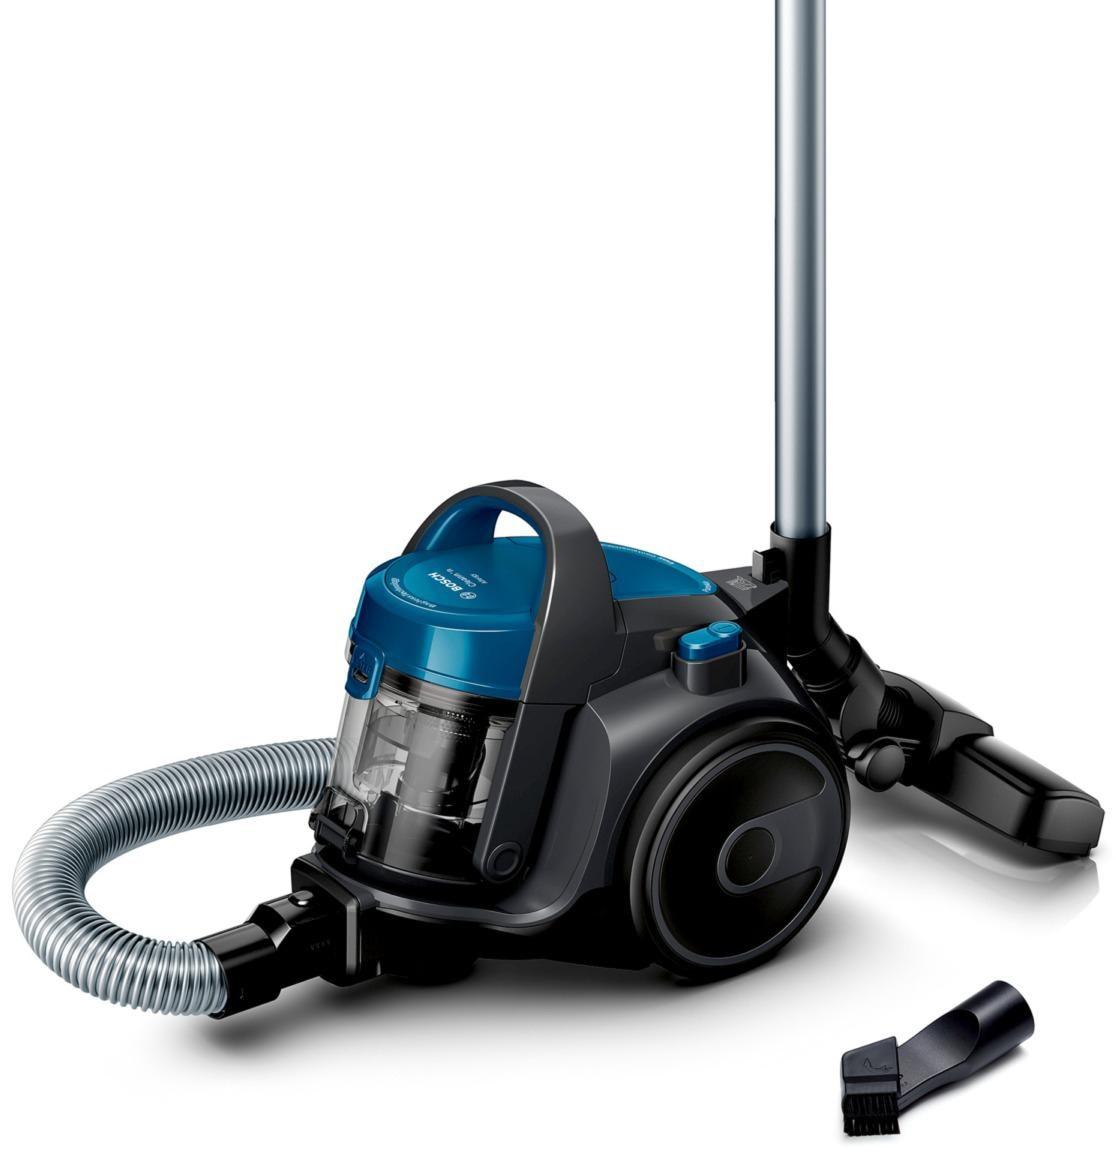 BOSCH Bodenstaubsauger BGC05A220A Cleann'n, 700 Watt, beutellos